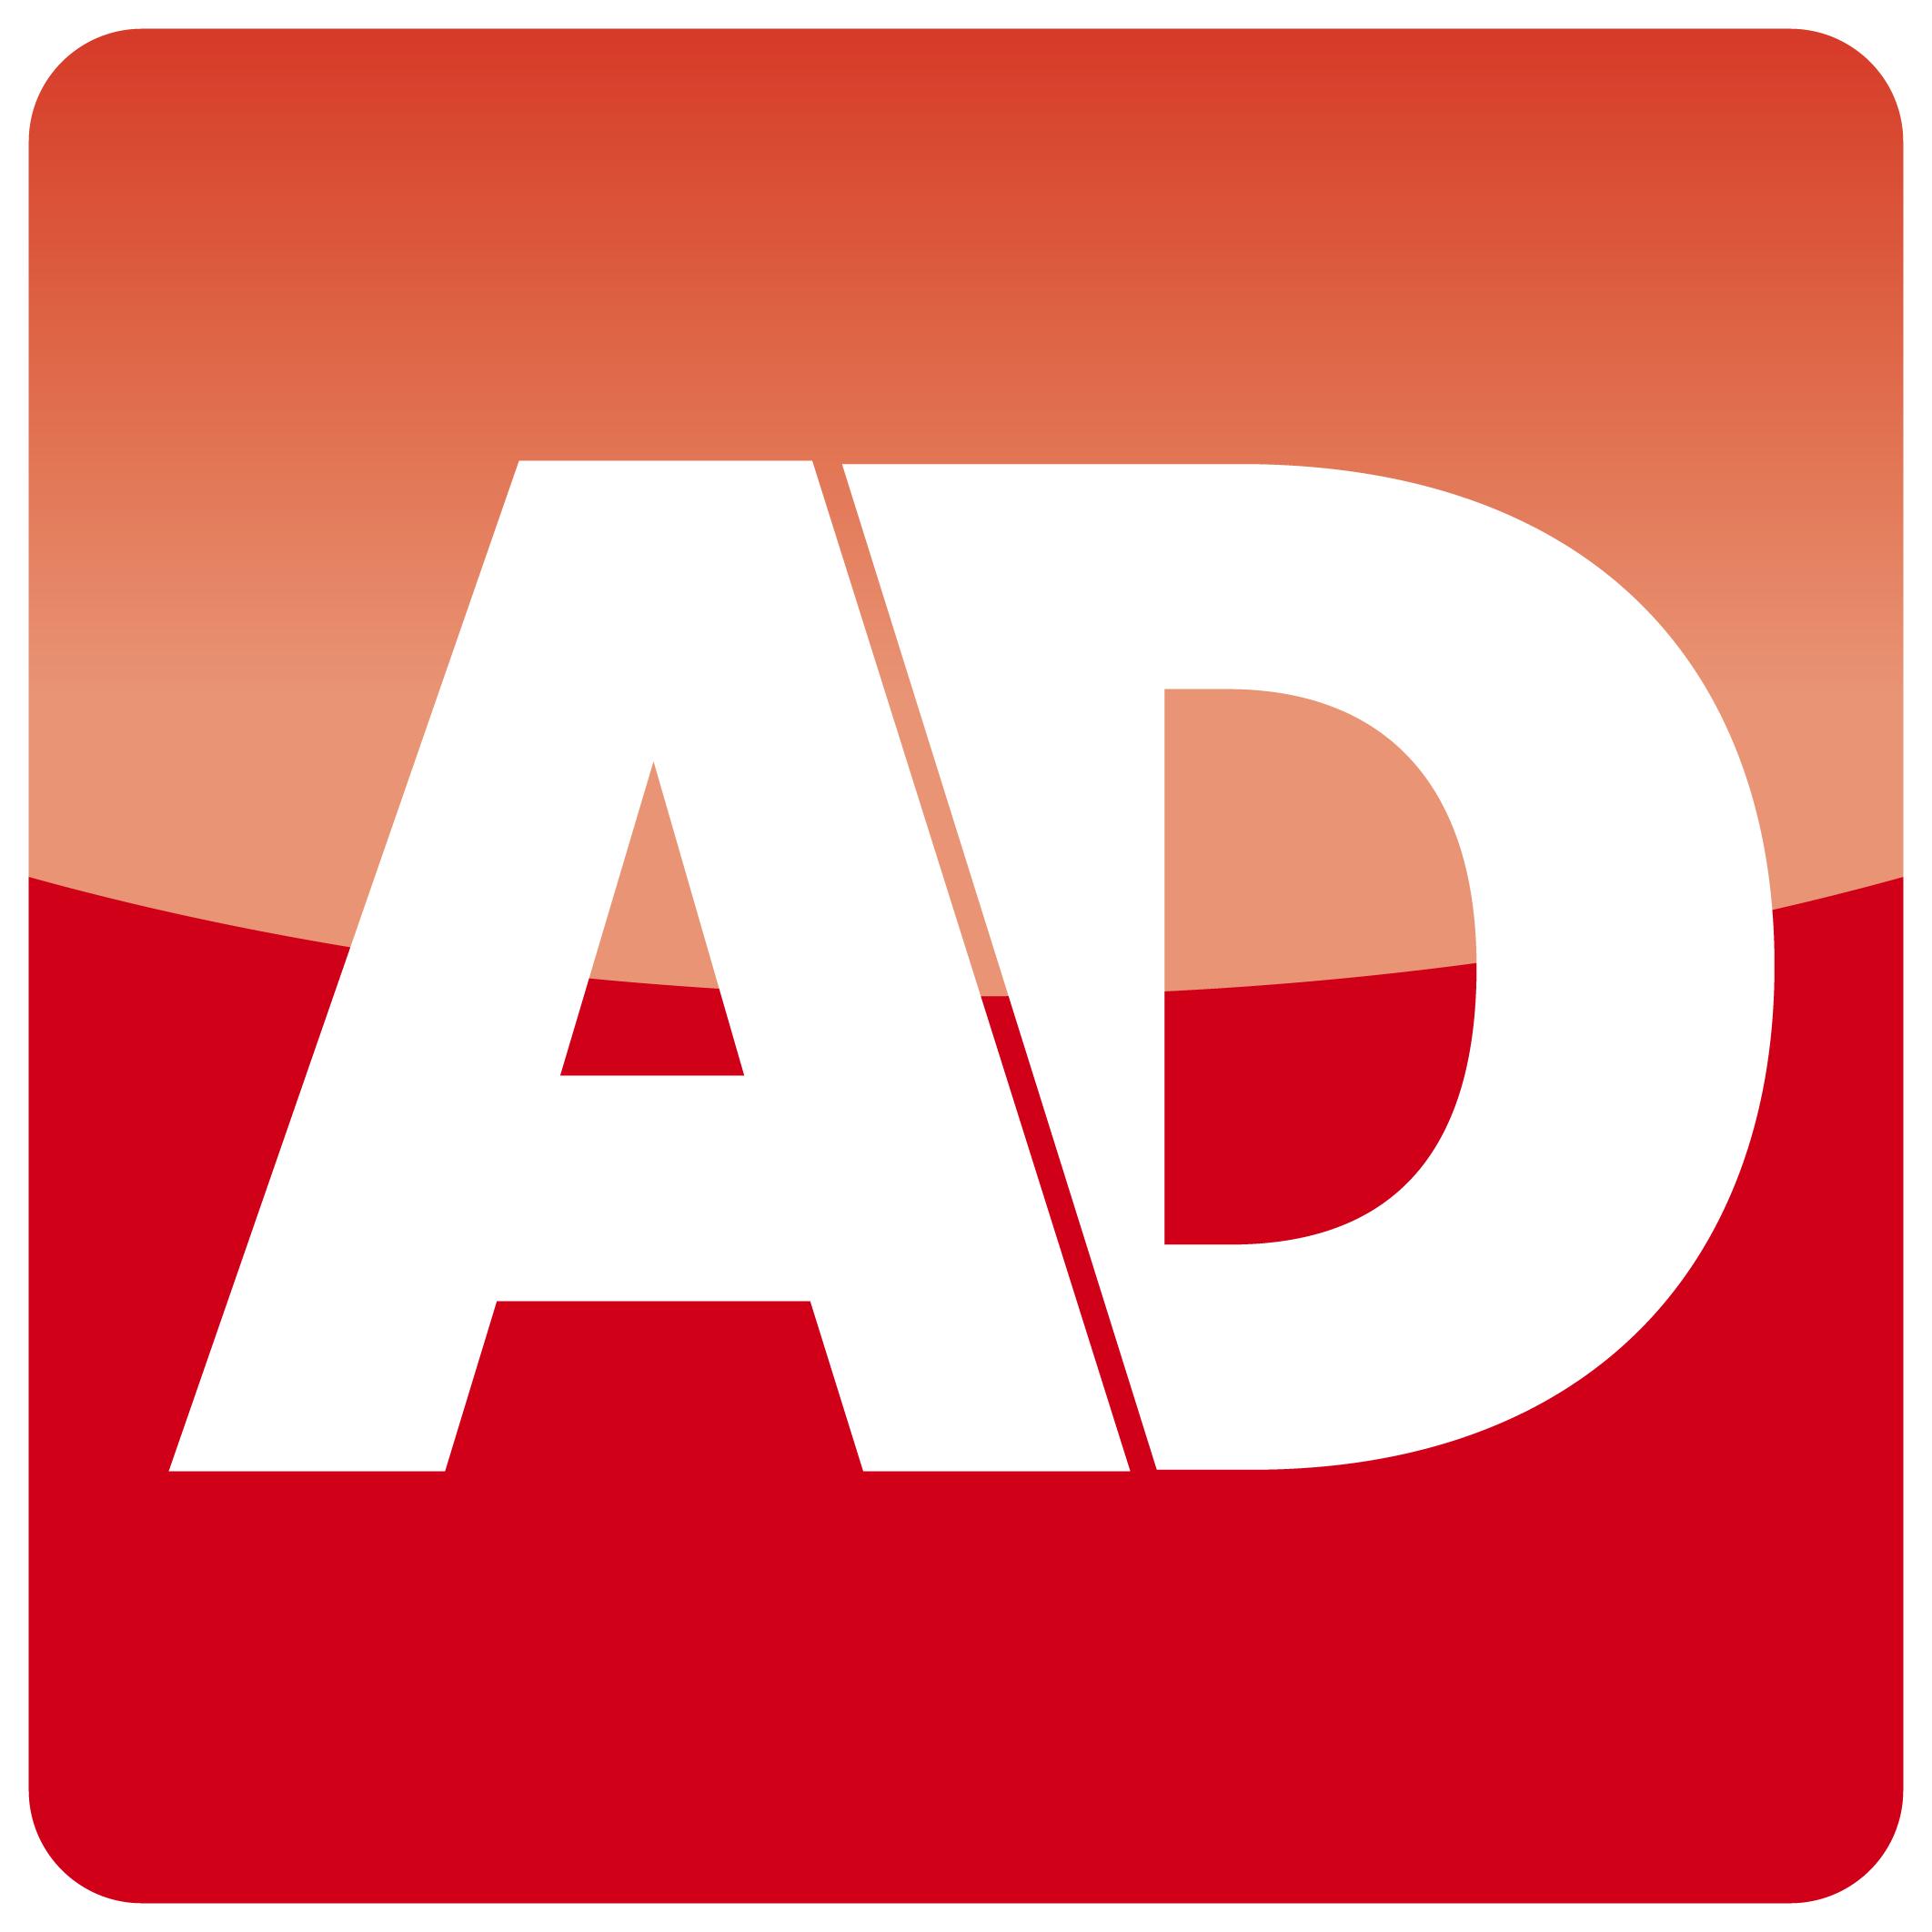 Ontvang het Algemeen Dagblad twee weken gratis in huis